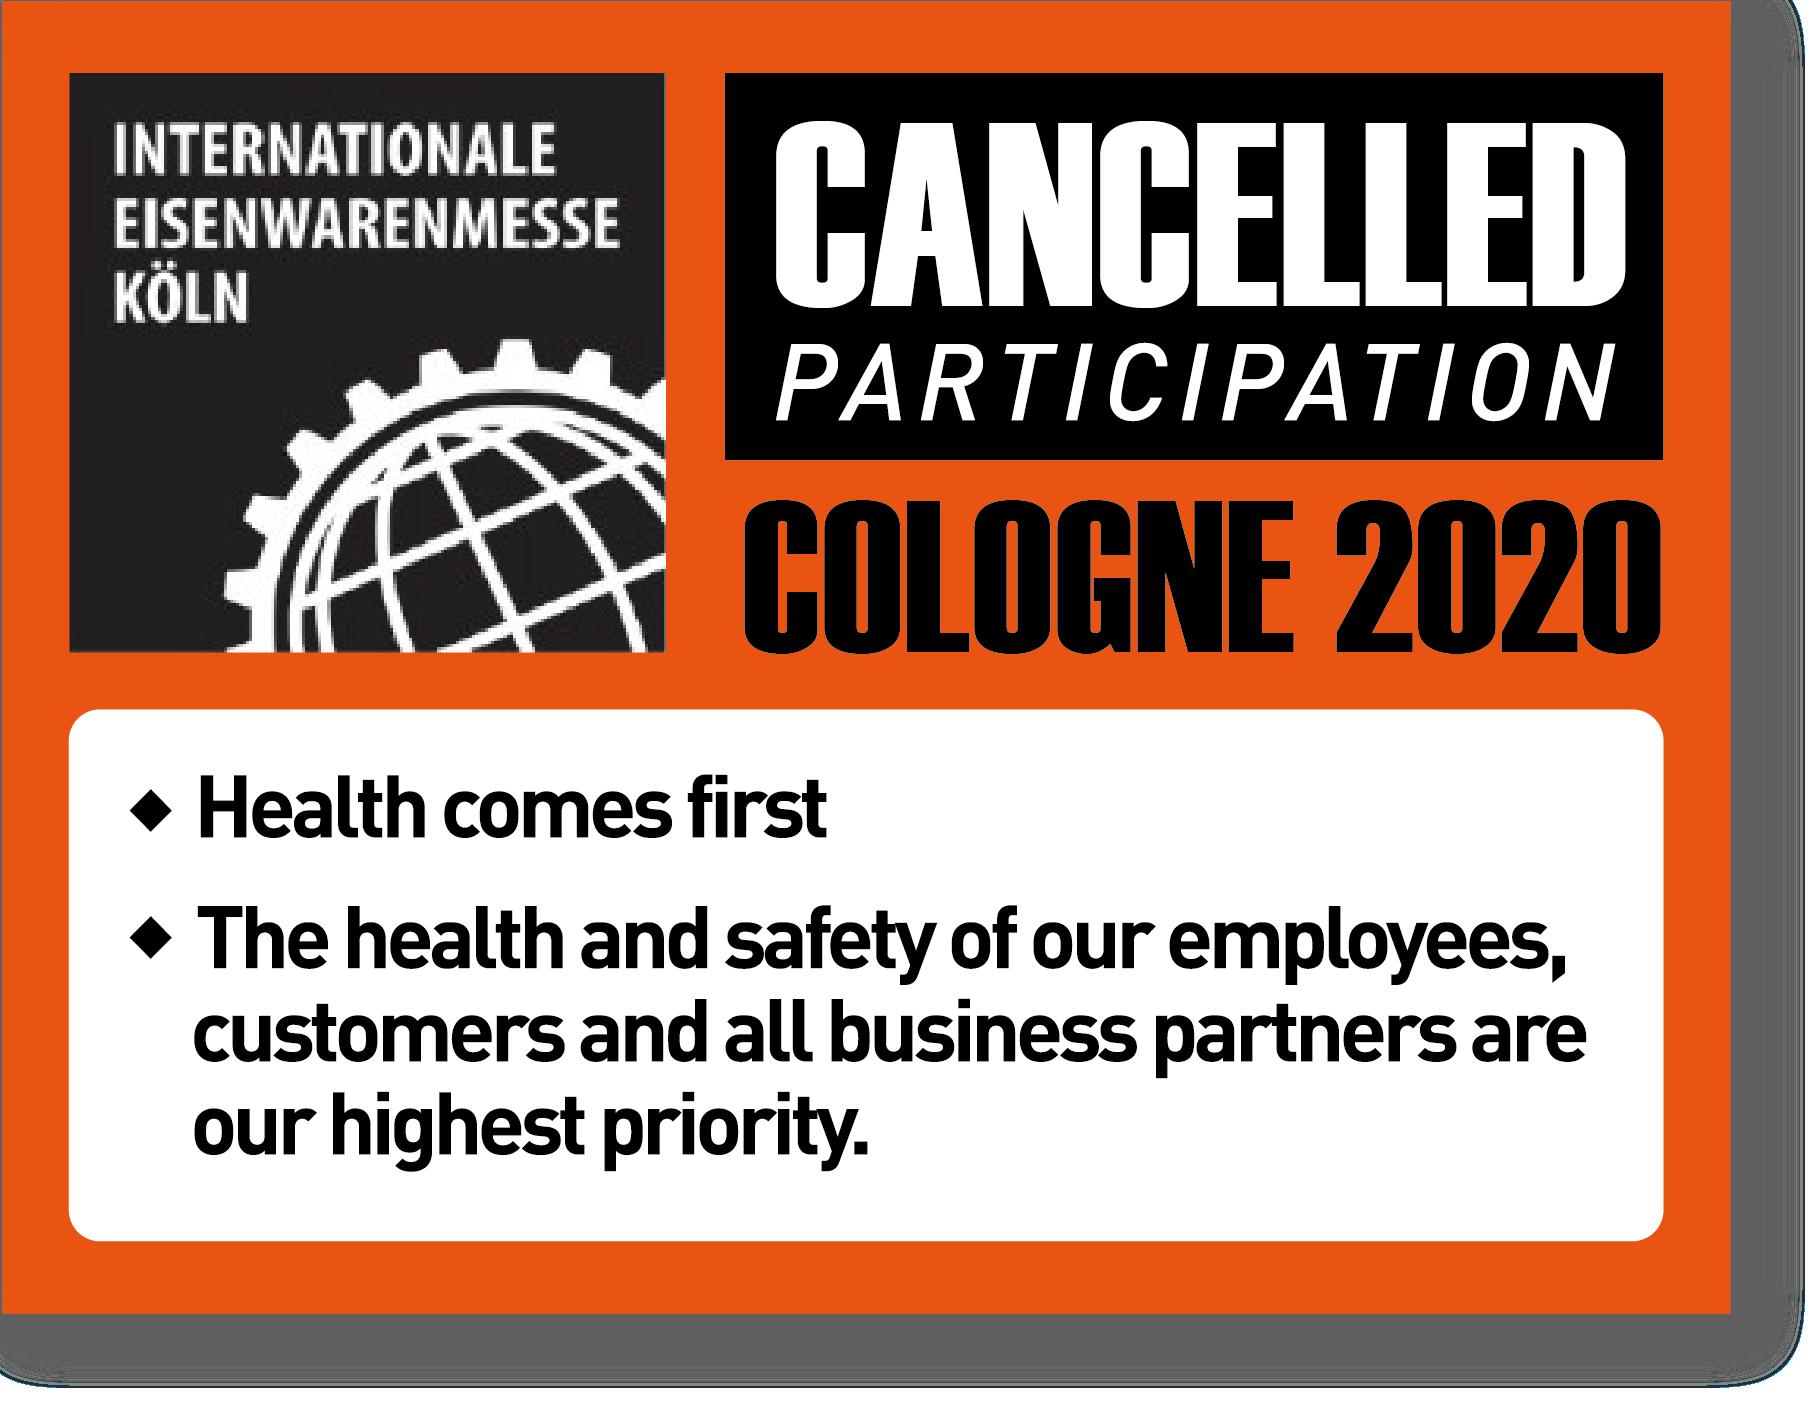 proimages/news/2020_HUMBOLDT_COLOGNE_CANCELLED_PARTICIPATION_2.png